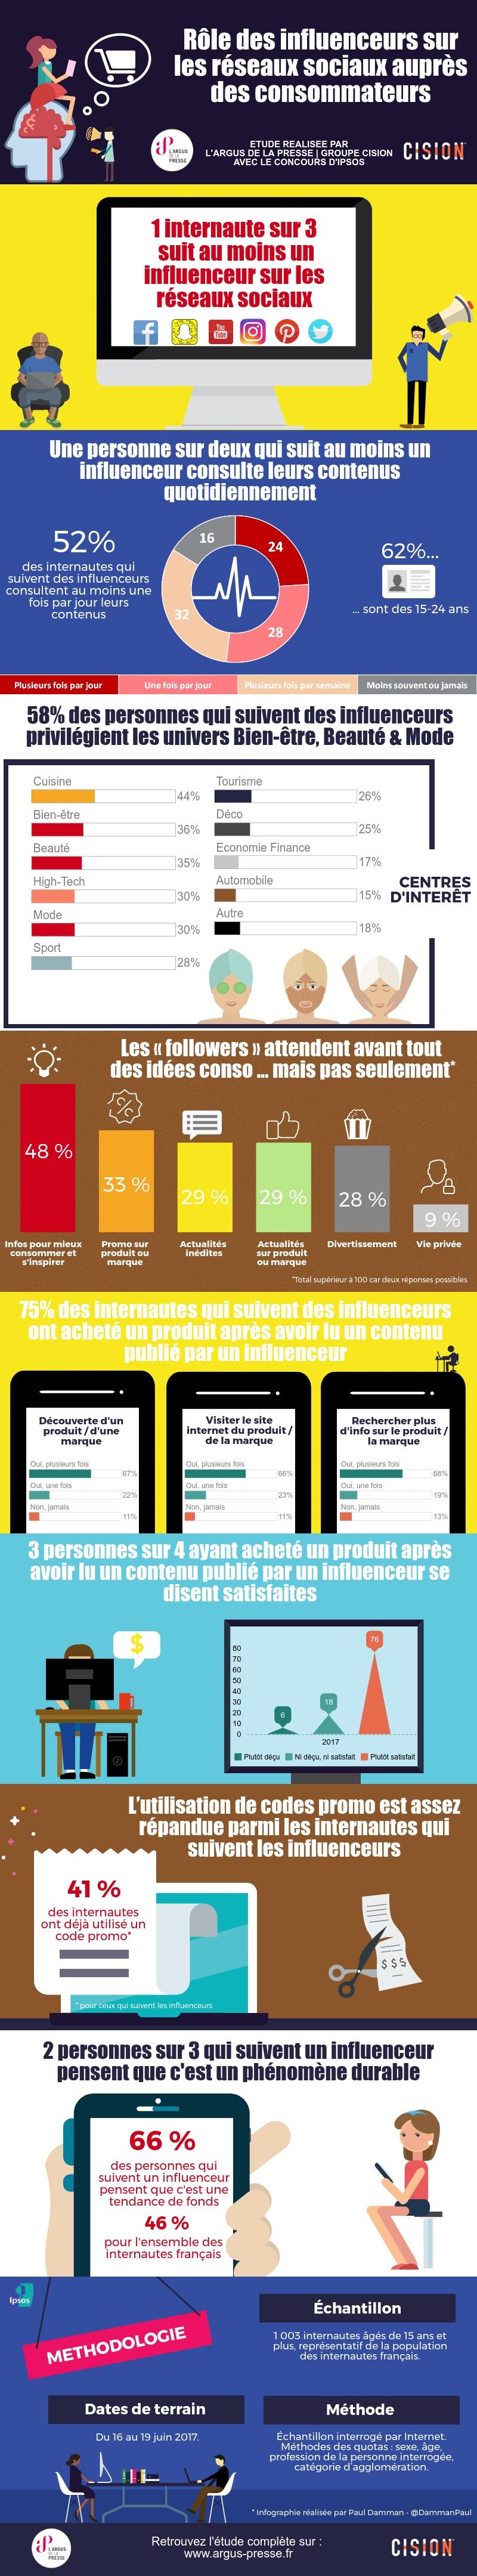 infographie_role_des_influenceurs_sur_les_reseaux_sociaux_aupres_des_consommateurs